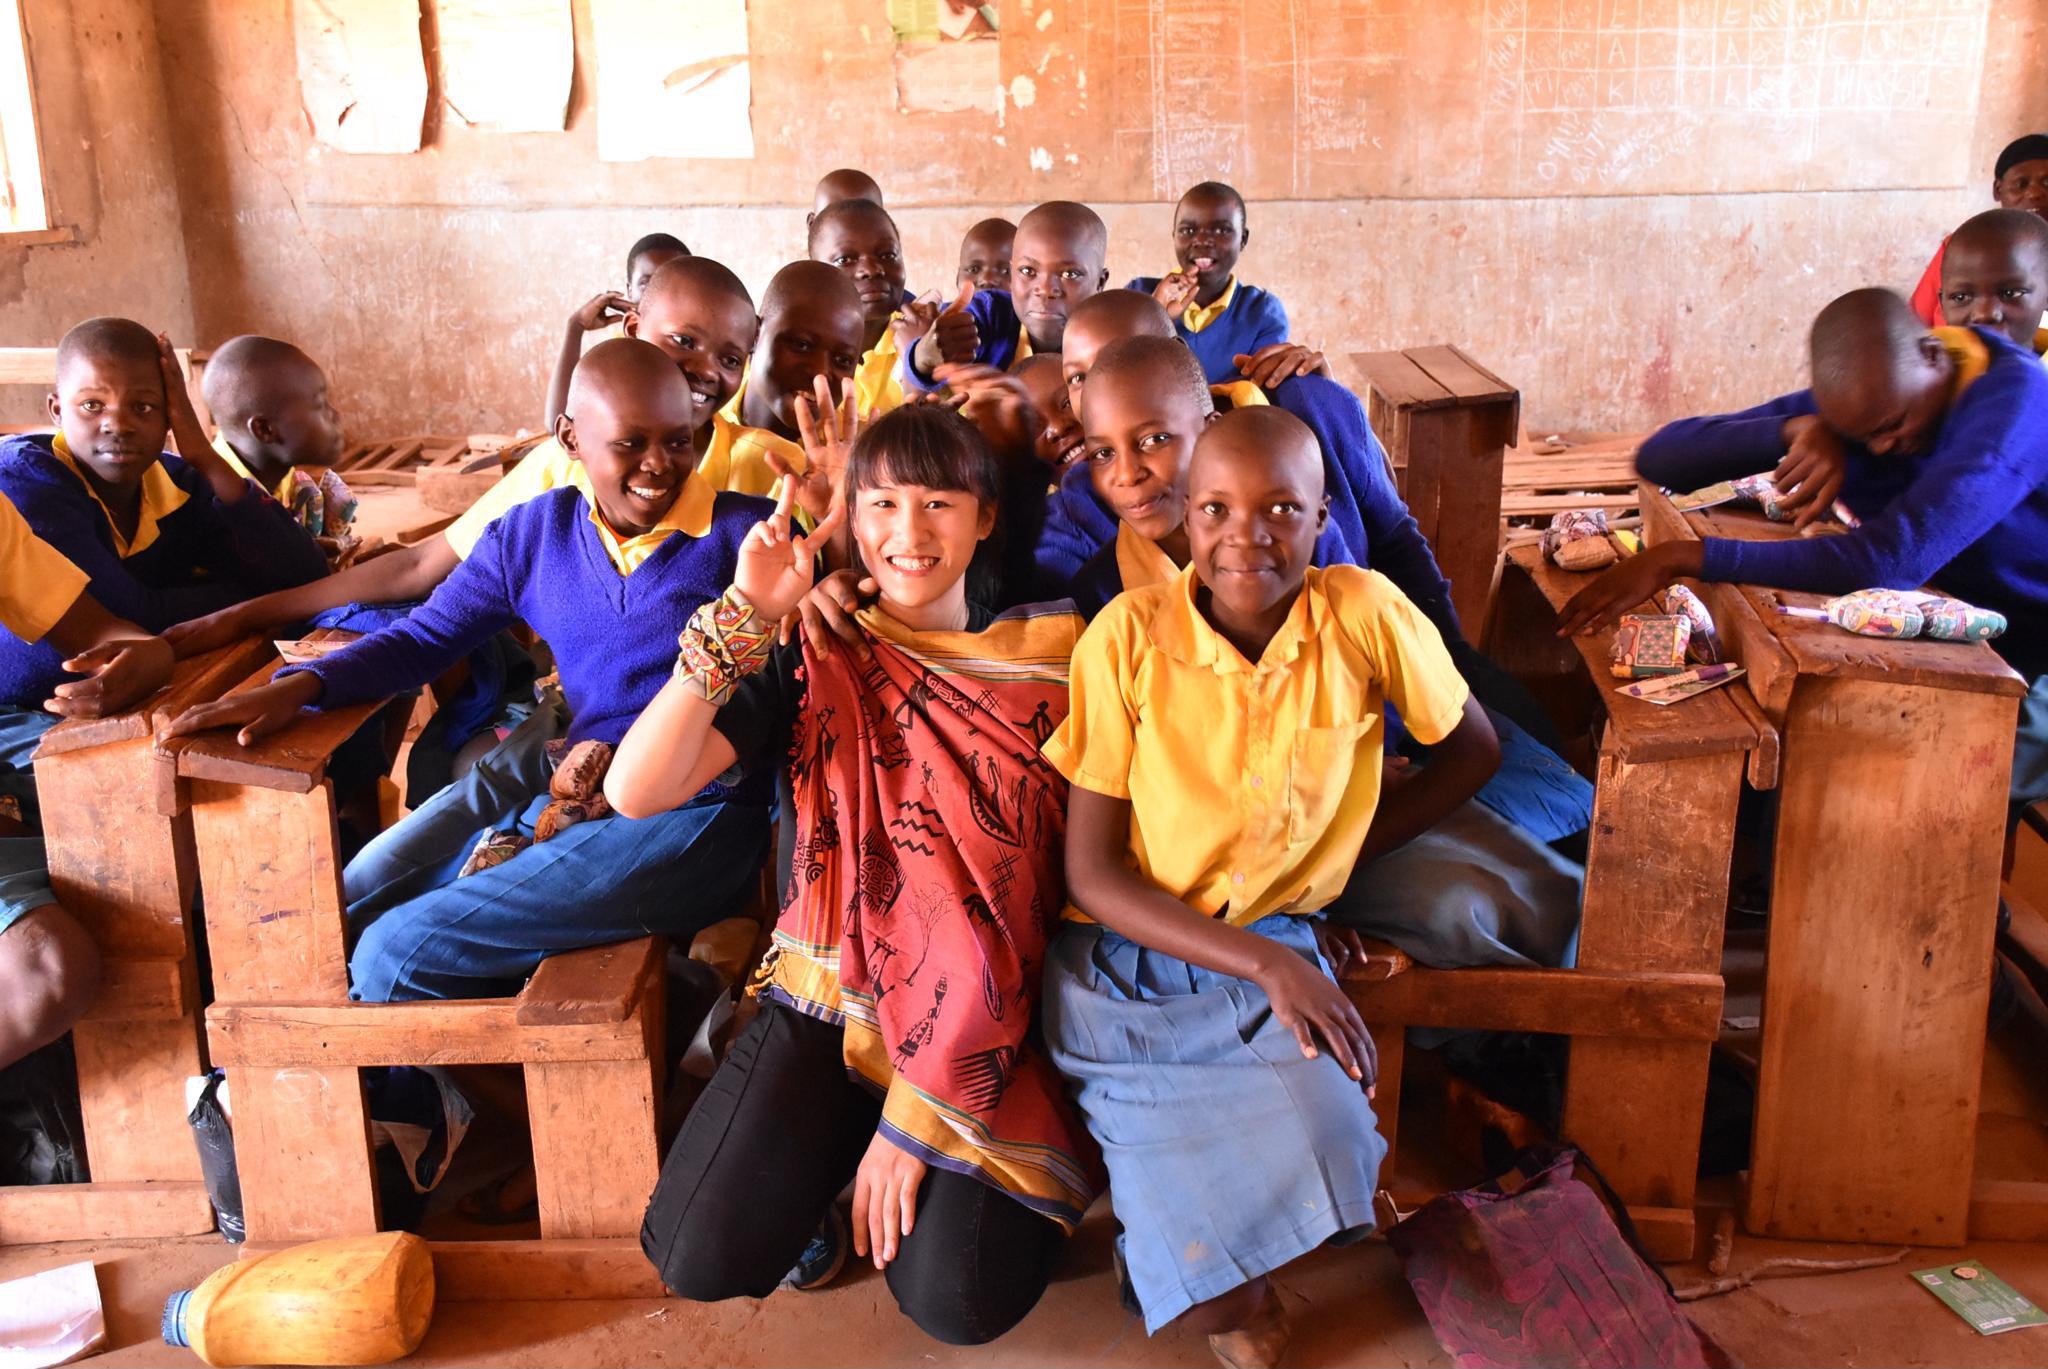 「走吧!女孩」應外系黃沐庭募集擁抱與擊掌  為非洲女孩發聲